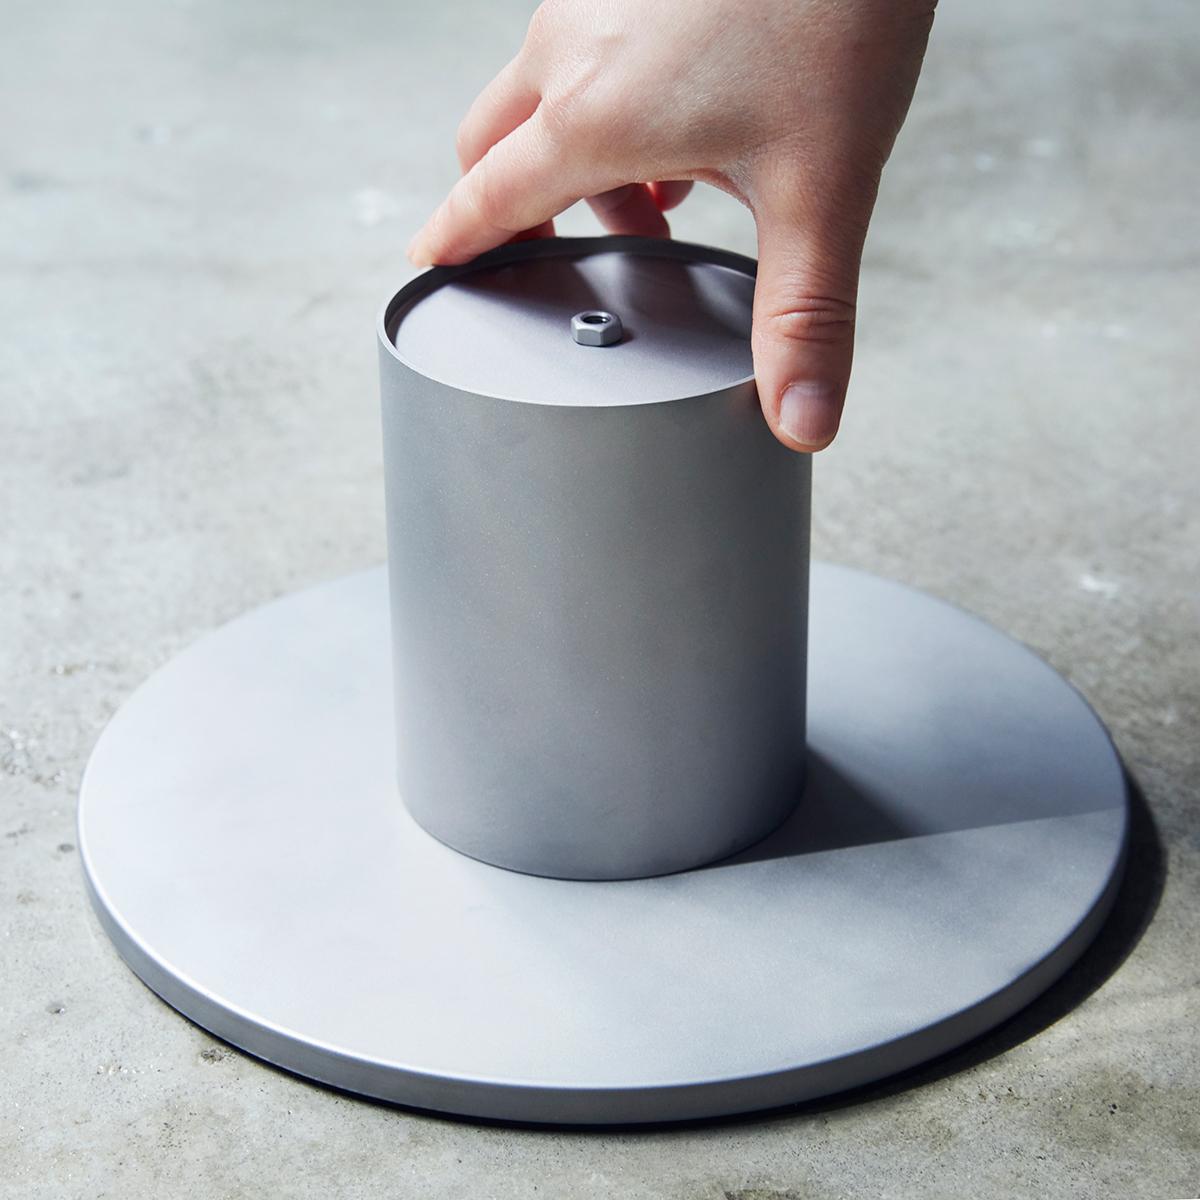 設置方法1|煙突効果で炎が廻りながら上昇!煙が出にくい安全燃料の「テーブルランタン&ガーデントーチ」|Hofats SPIN(ホーファッツ スピン)